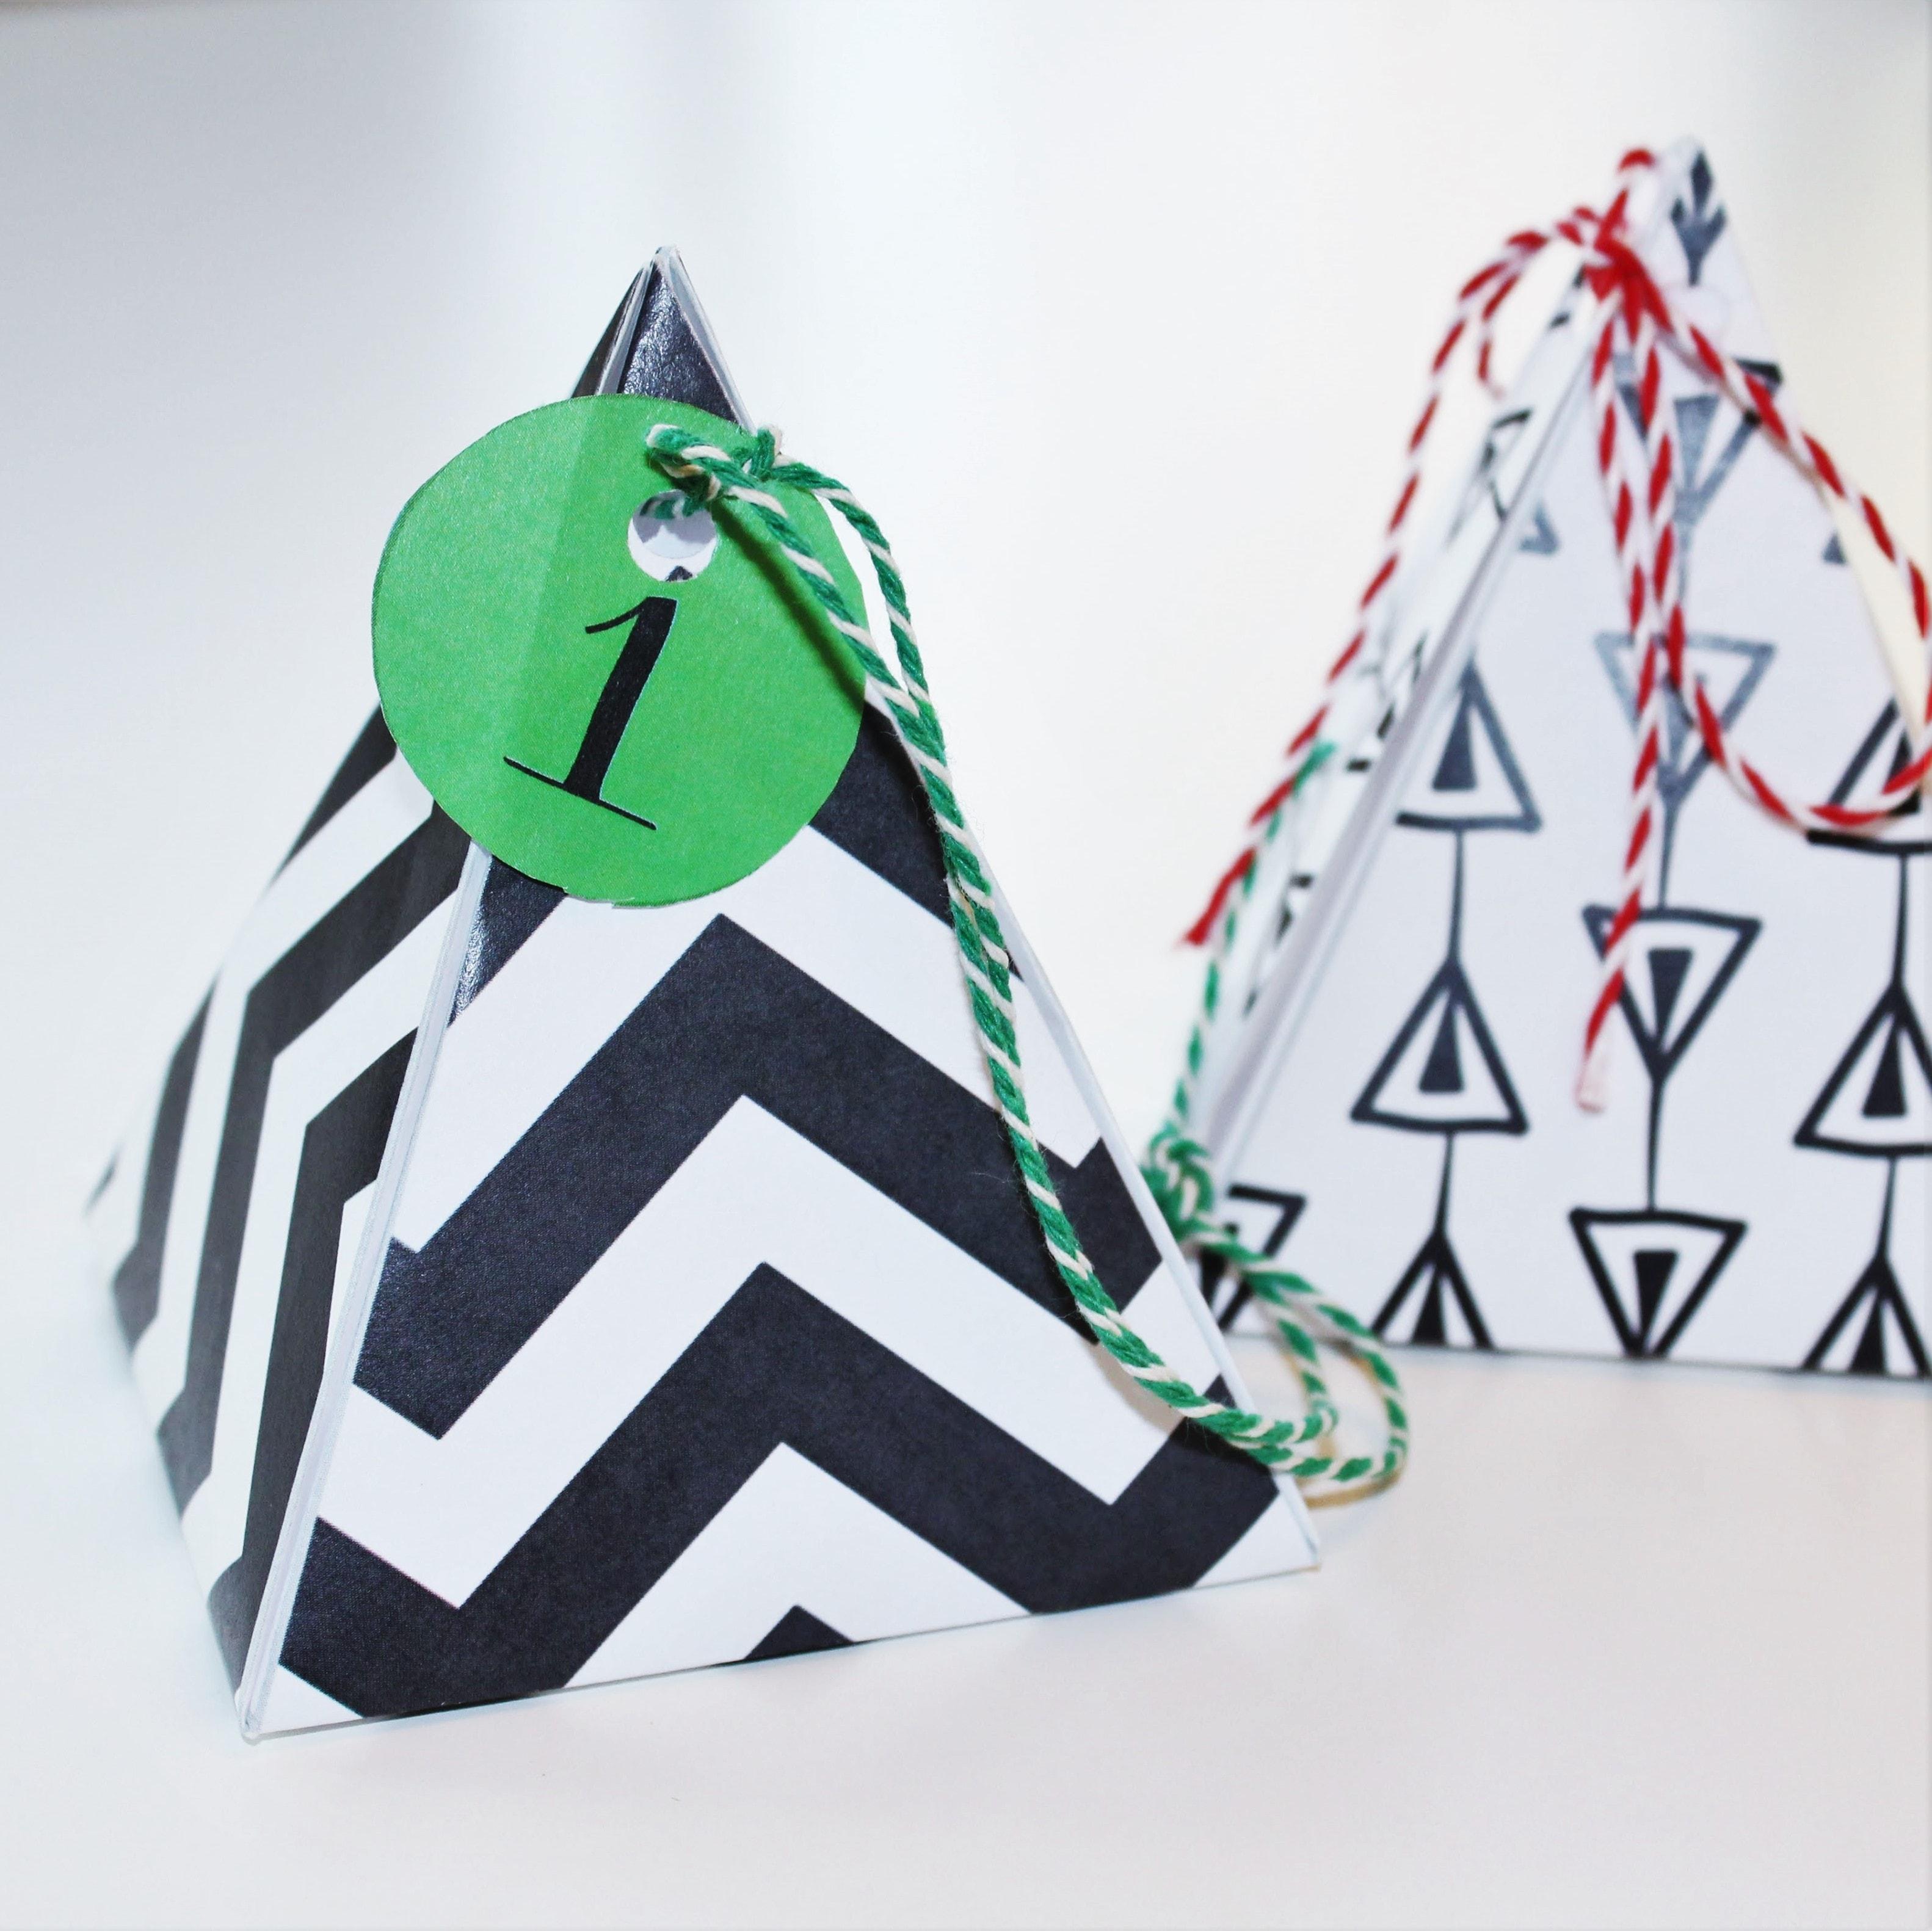 Indpakning - dekoration - gavemærker - gavemærkater - til-fra kort. Lav selv gaver, pak dem fint ind. Find inspiration til din jul, gratis print og opskrifter på danishthings.com.